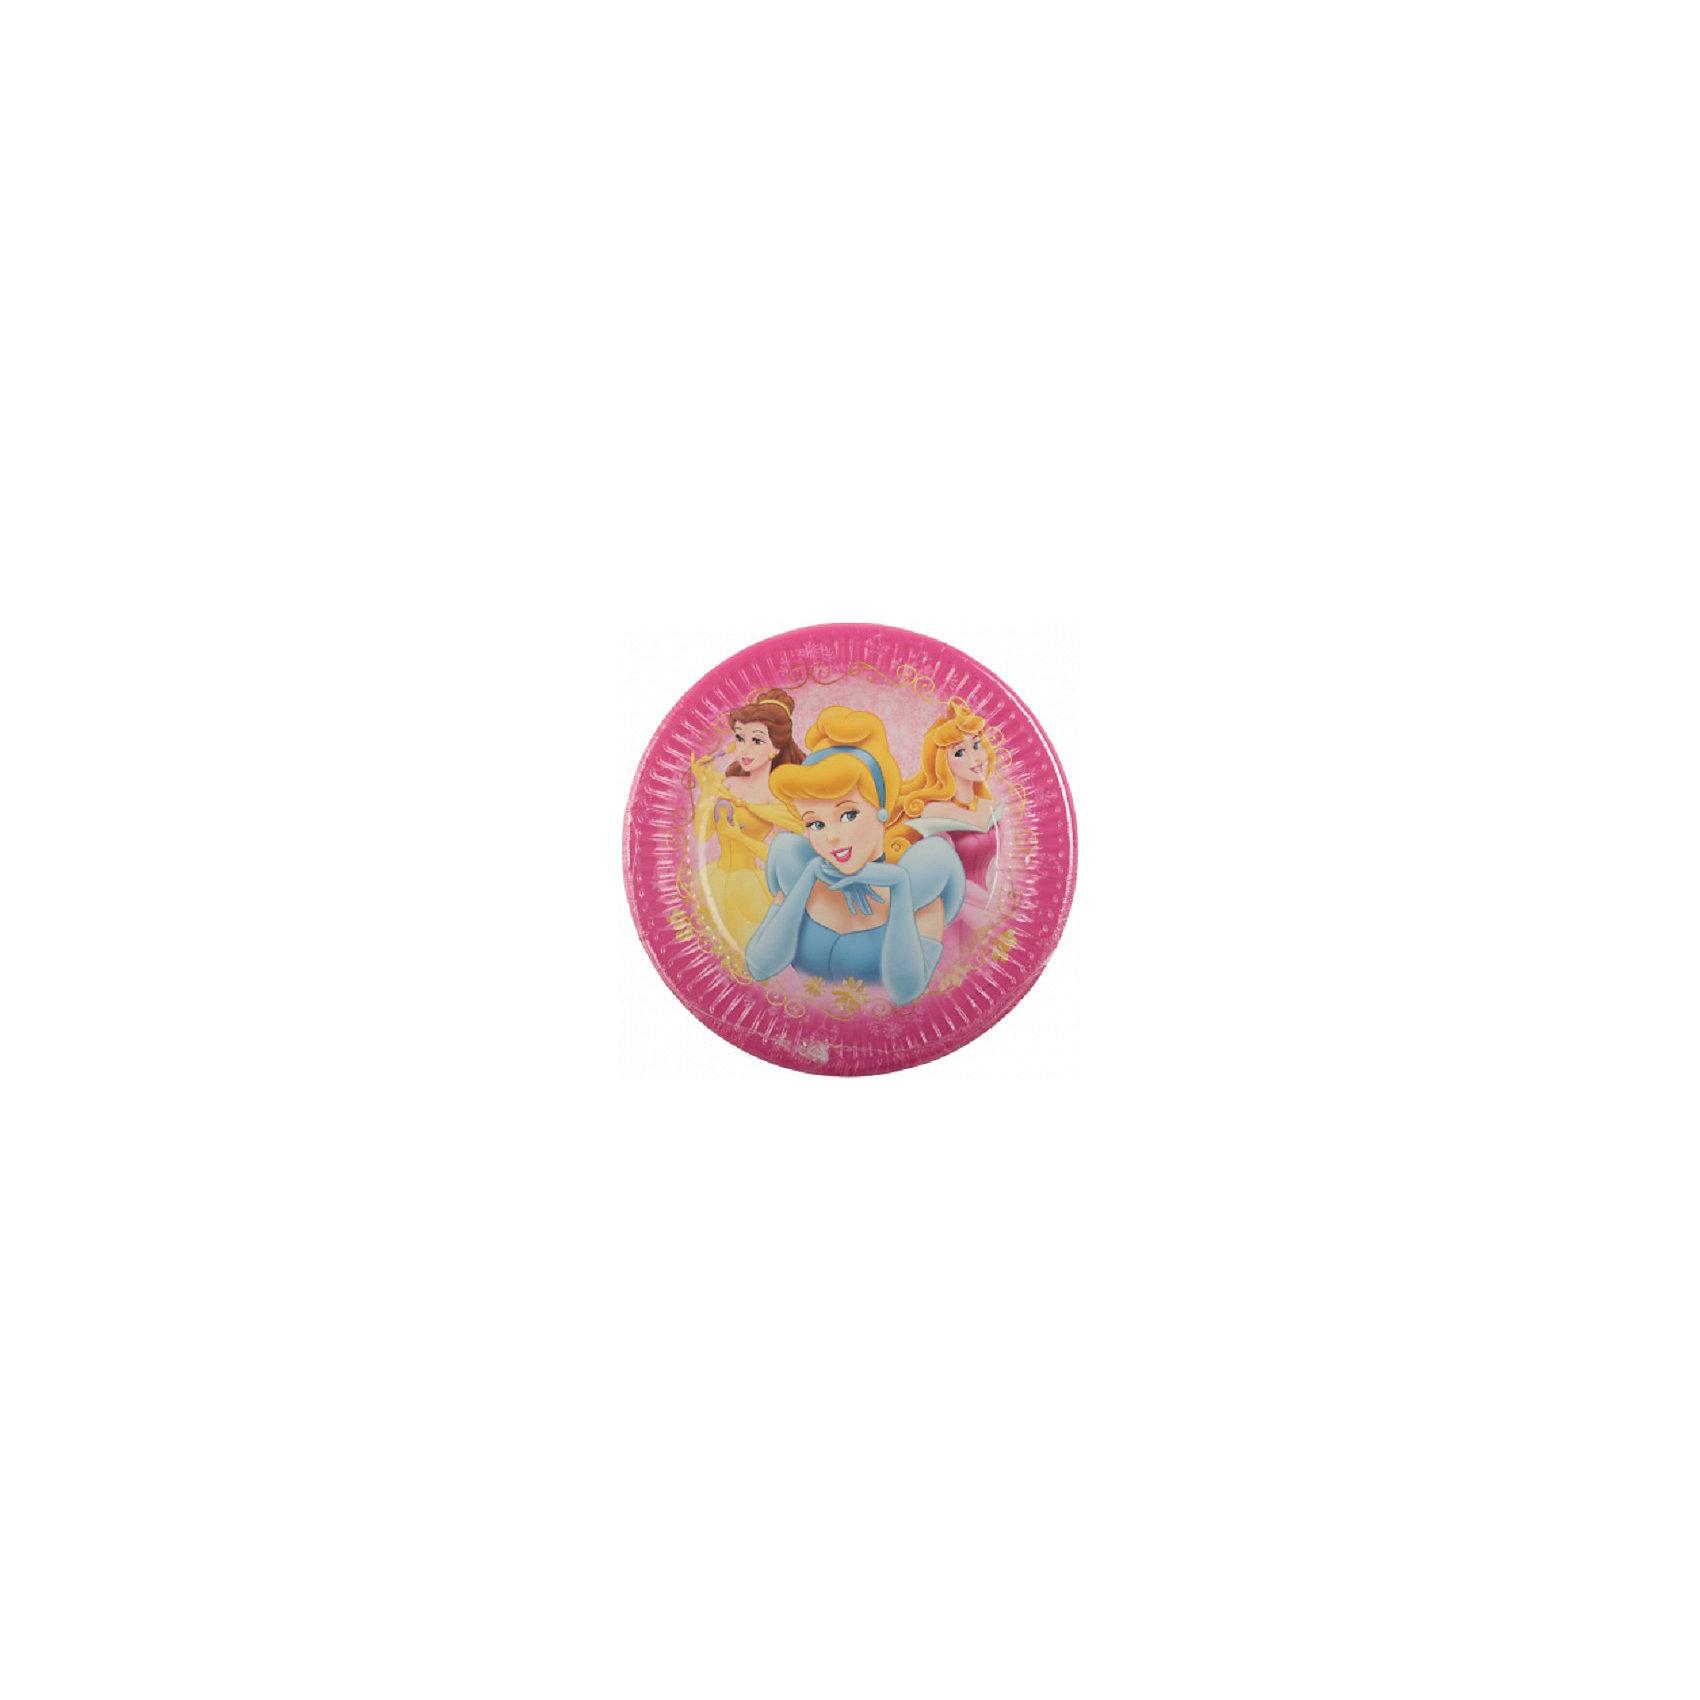 Тарелки «Красивые Принцессы»Всё для праздника<br>Характеристики товара:<br><br>• возраст: от 3 лет;<br>• упаковка: пакет;<br>• размер упаковки: 19х19х2 см.;<br>• количество тарелок: 8 шт.;<br>• размер тарелки: 20 см.;<br>• цвет: розовый;<br>• материал: картон;<br>• бренд, страна: Procos, Россия;<br>• страна-производитель: Греция.<br><br>Тарелки  «Красивые Принцессы» с изображением трех принцес в шикарных нарядах помогут не только оригинально и необычно украсить праздничный стол и создать незабываемую атмосферу праздника, но и обезопасят вас и ваших детей от разбитой посуды. <br><br>Тарелки сделаны из качественных материалов, не токсичны, противоаллергенны и безопасны для здоровья.<br><br>Тарелки  «Красивые Принцессы» , 20 см., 8 шт., Procos (Прокос)  можно купить в нашем интернет-магазине.<br><br>Ширина мм: 20<br>Глубина мм: 195<br>Высота мм: 195<br>Вес г: 15<br>Возраст от месяцев: 36<br>Возраст до месяцев: 120<br>Пол: Унисекс<br>Возраст: Детский<br>SKU: 6914353